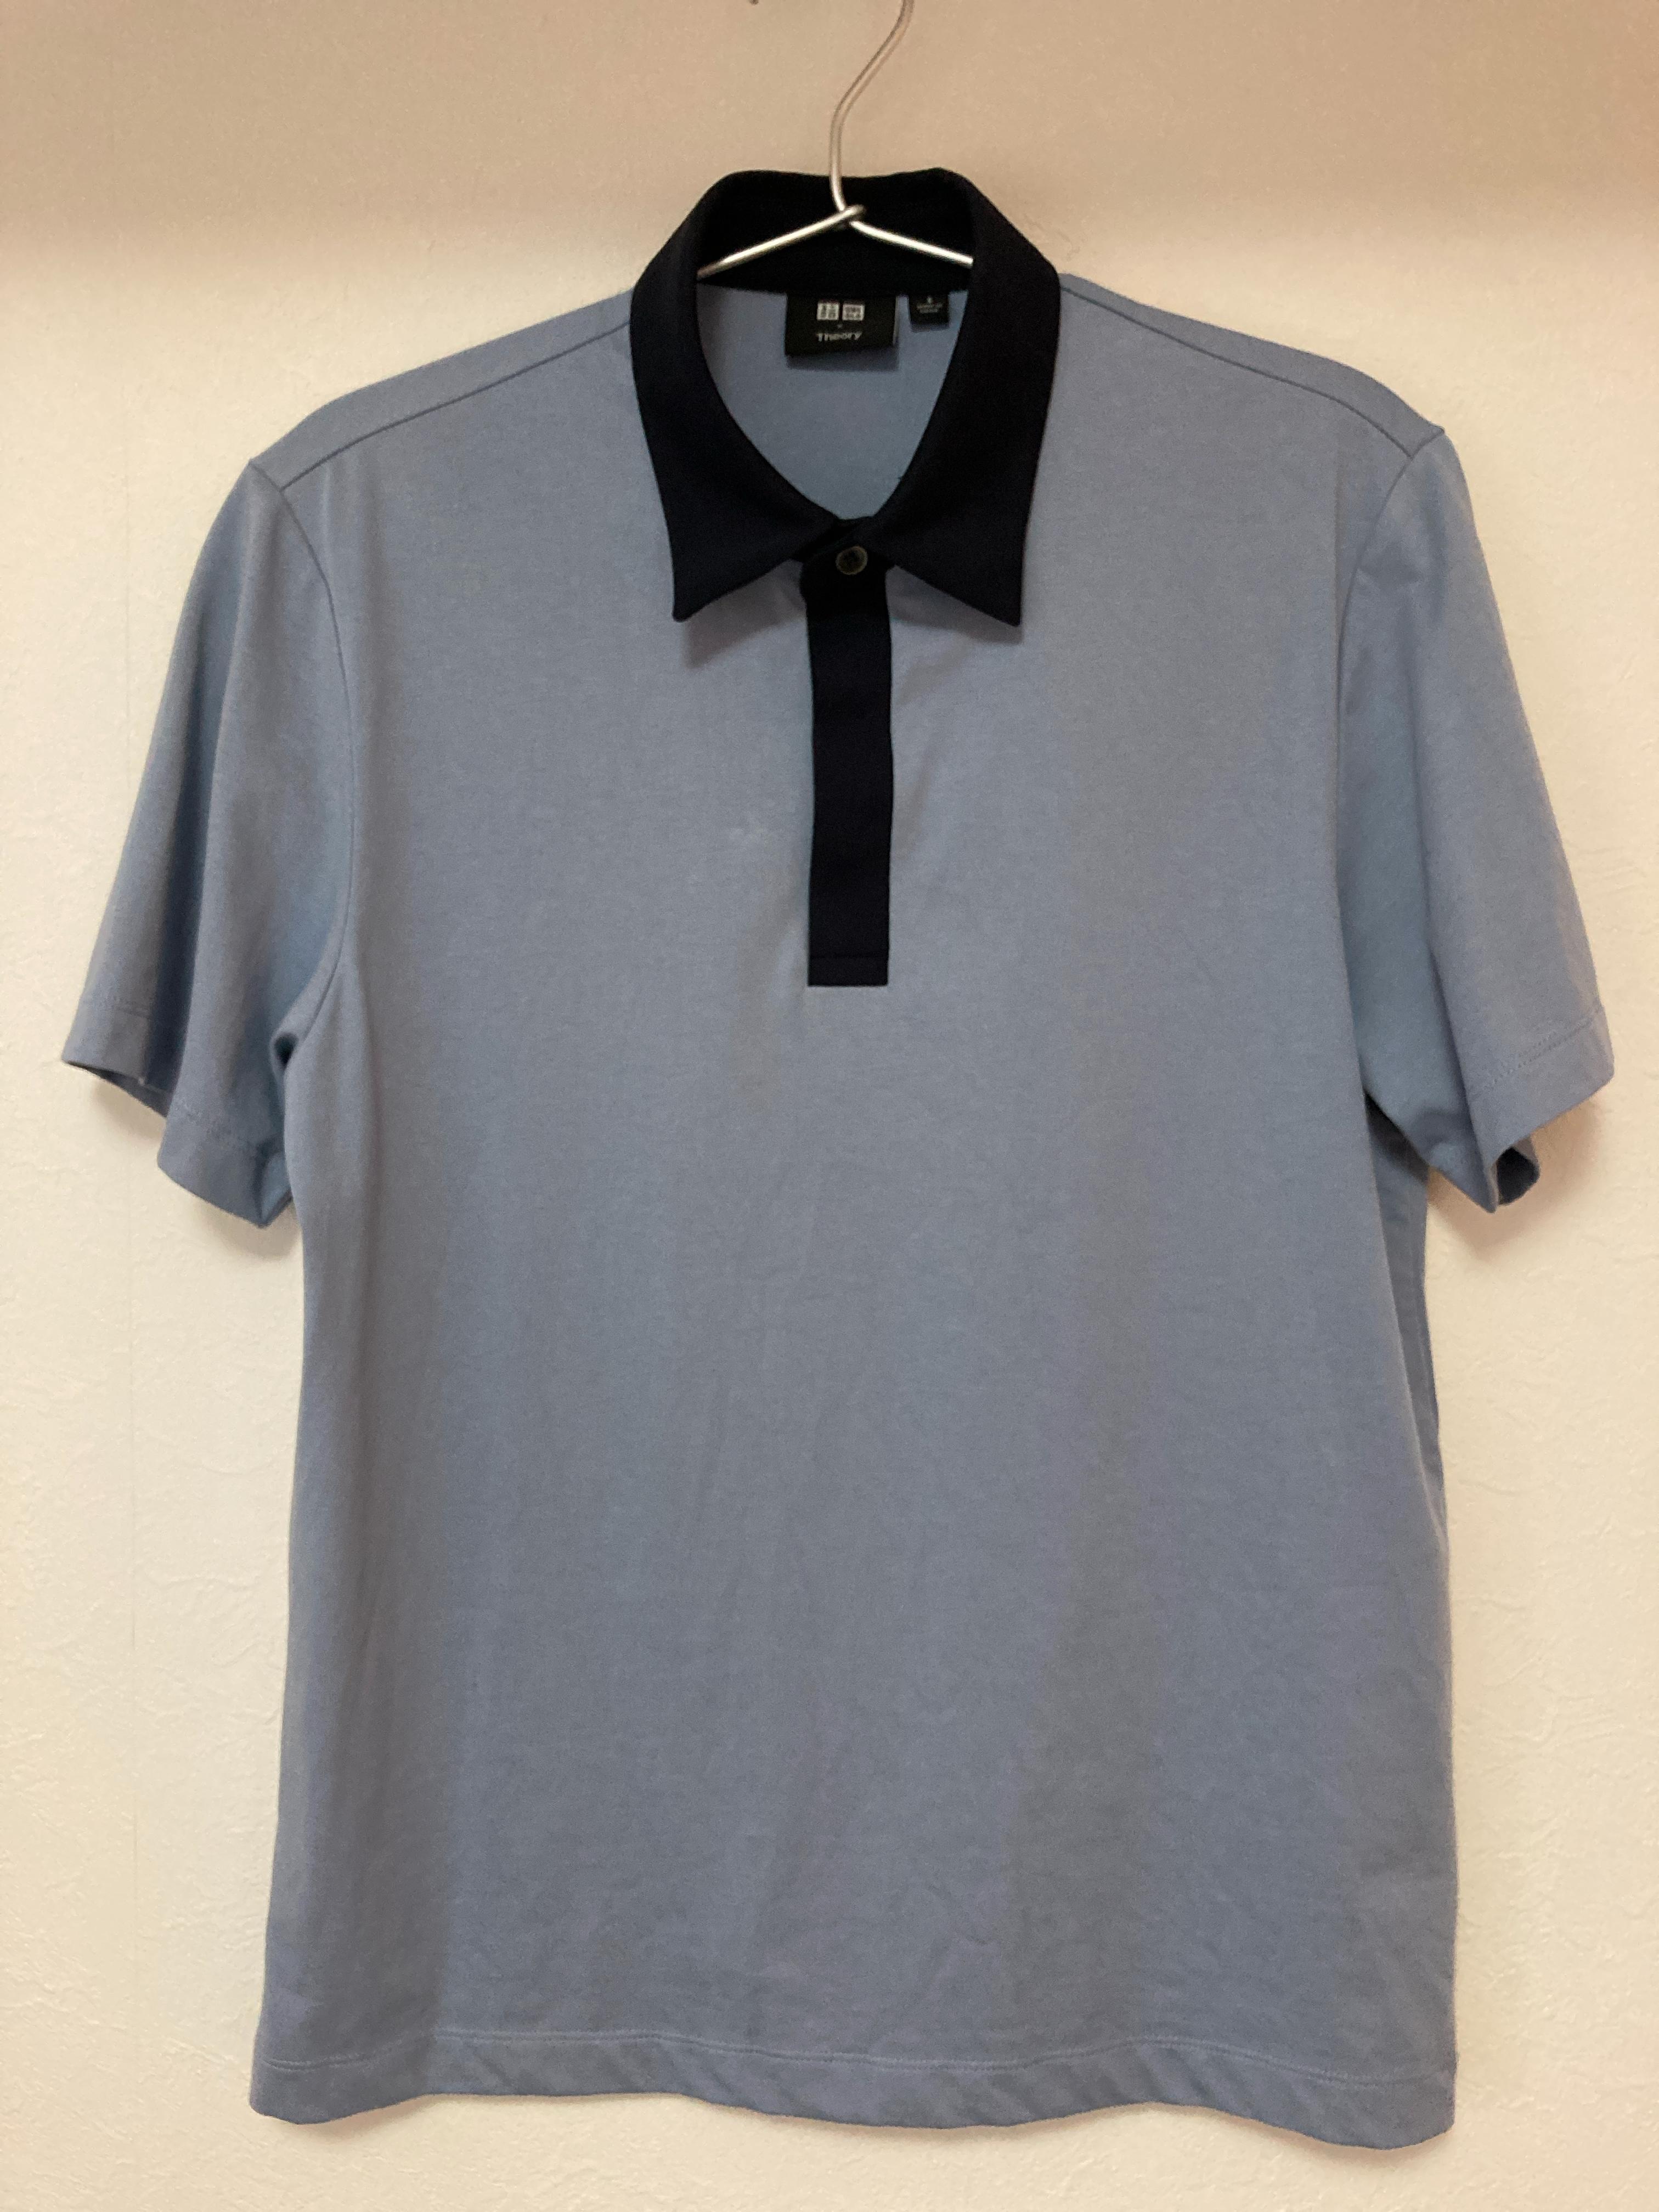 ユニクロ×セオリーのエアリズムジャージースリムフィットポロシャツ